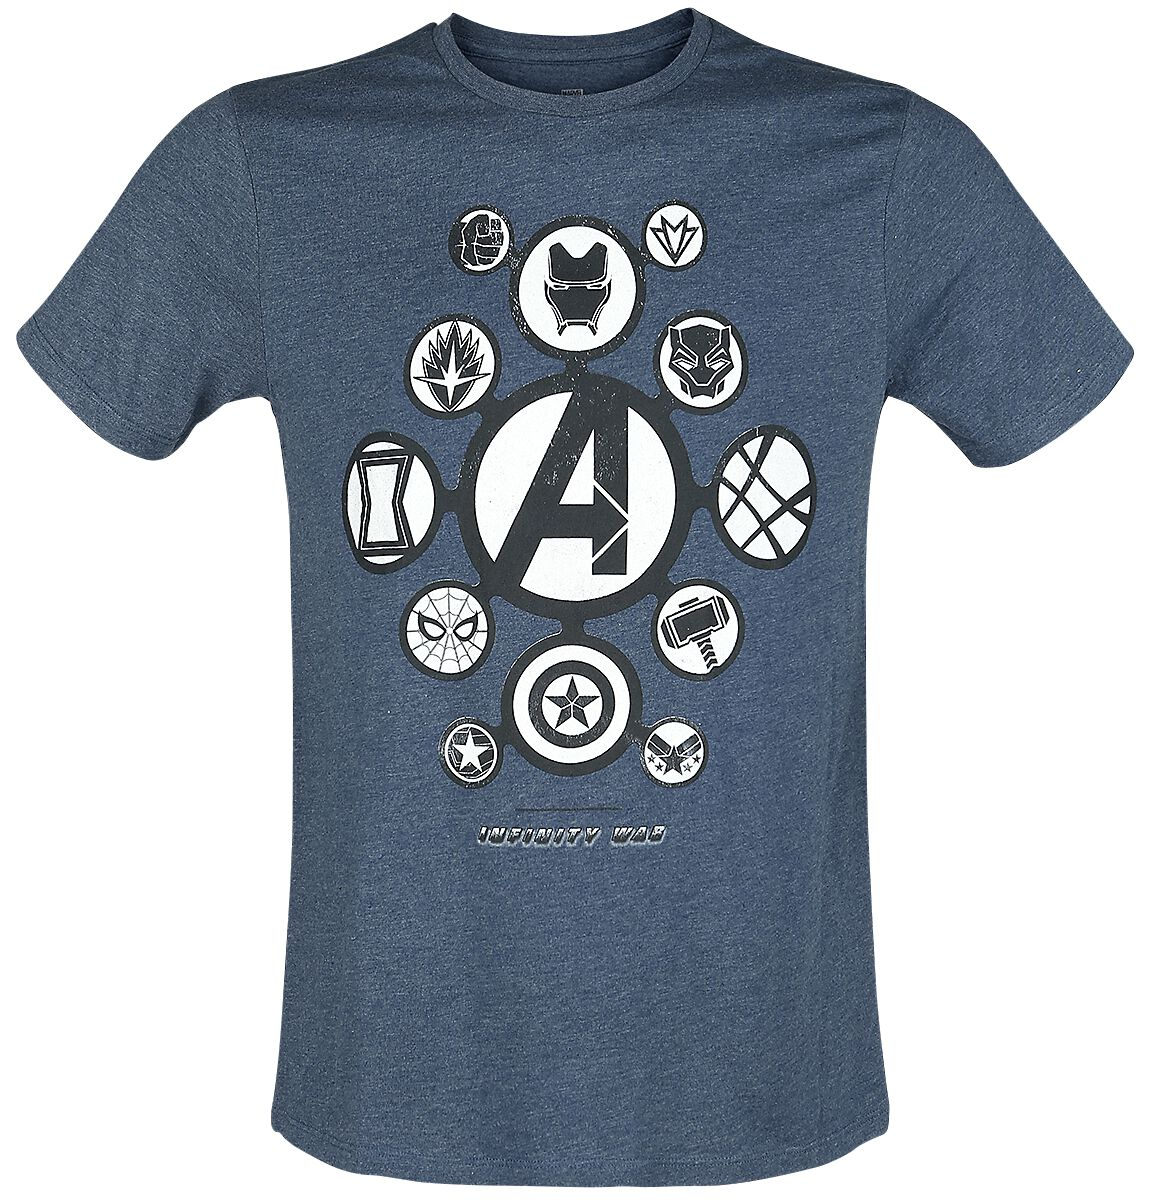 Infinity war logos avengers t shirt emp for My logo on a shirt